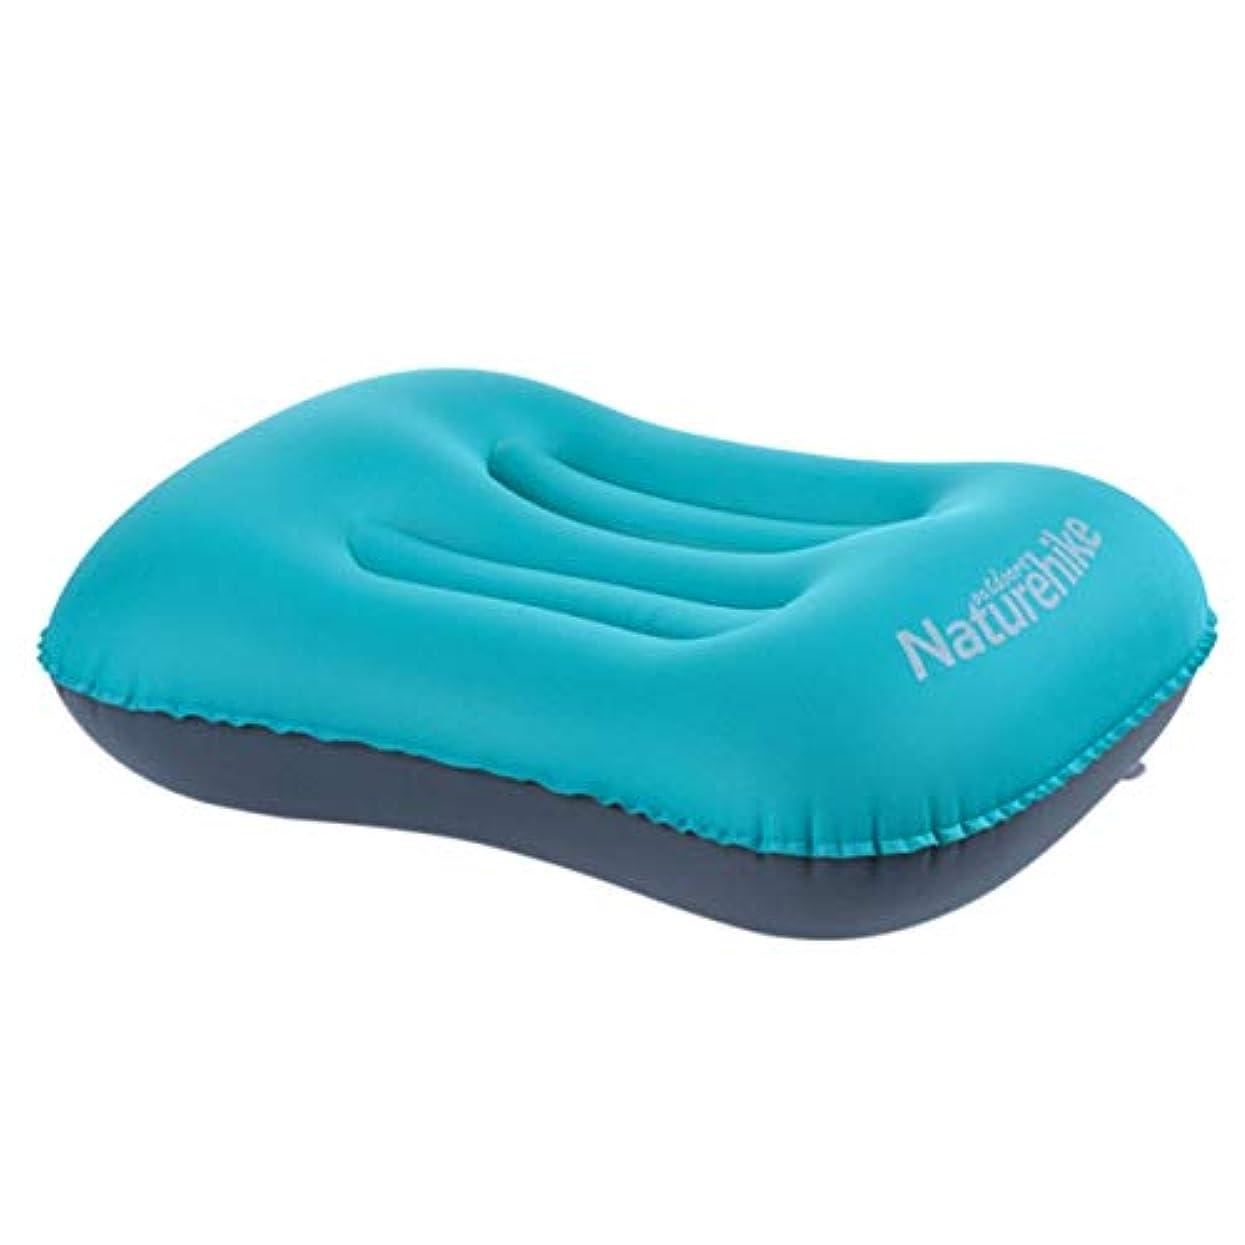 補充貧しいピアSaikogoods アウトドアキャンプ旅行 ソフトTPU枕のためのミニトラベルピロー 超軽量のポータブル インフレータブル枕 エアクッション 青